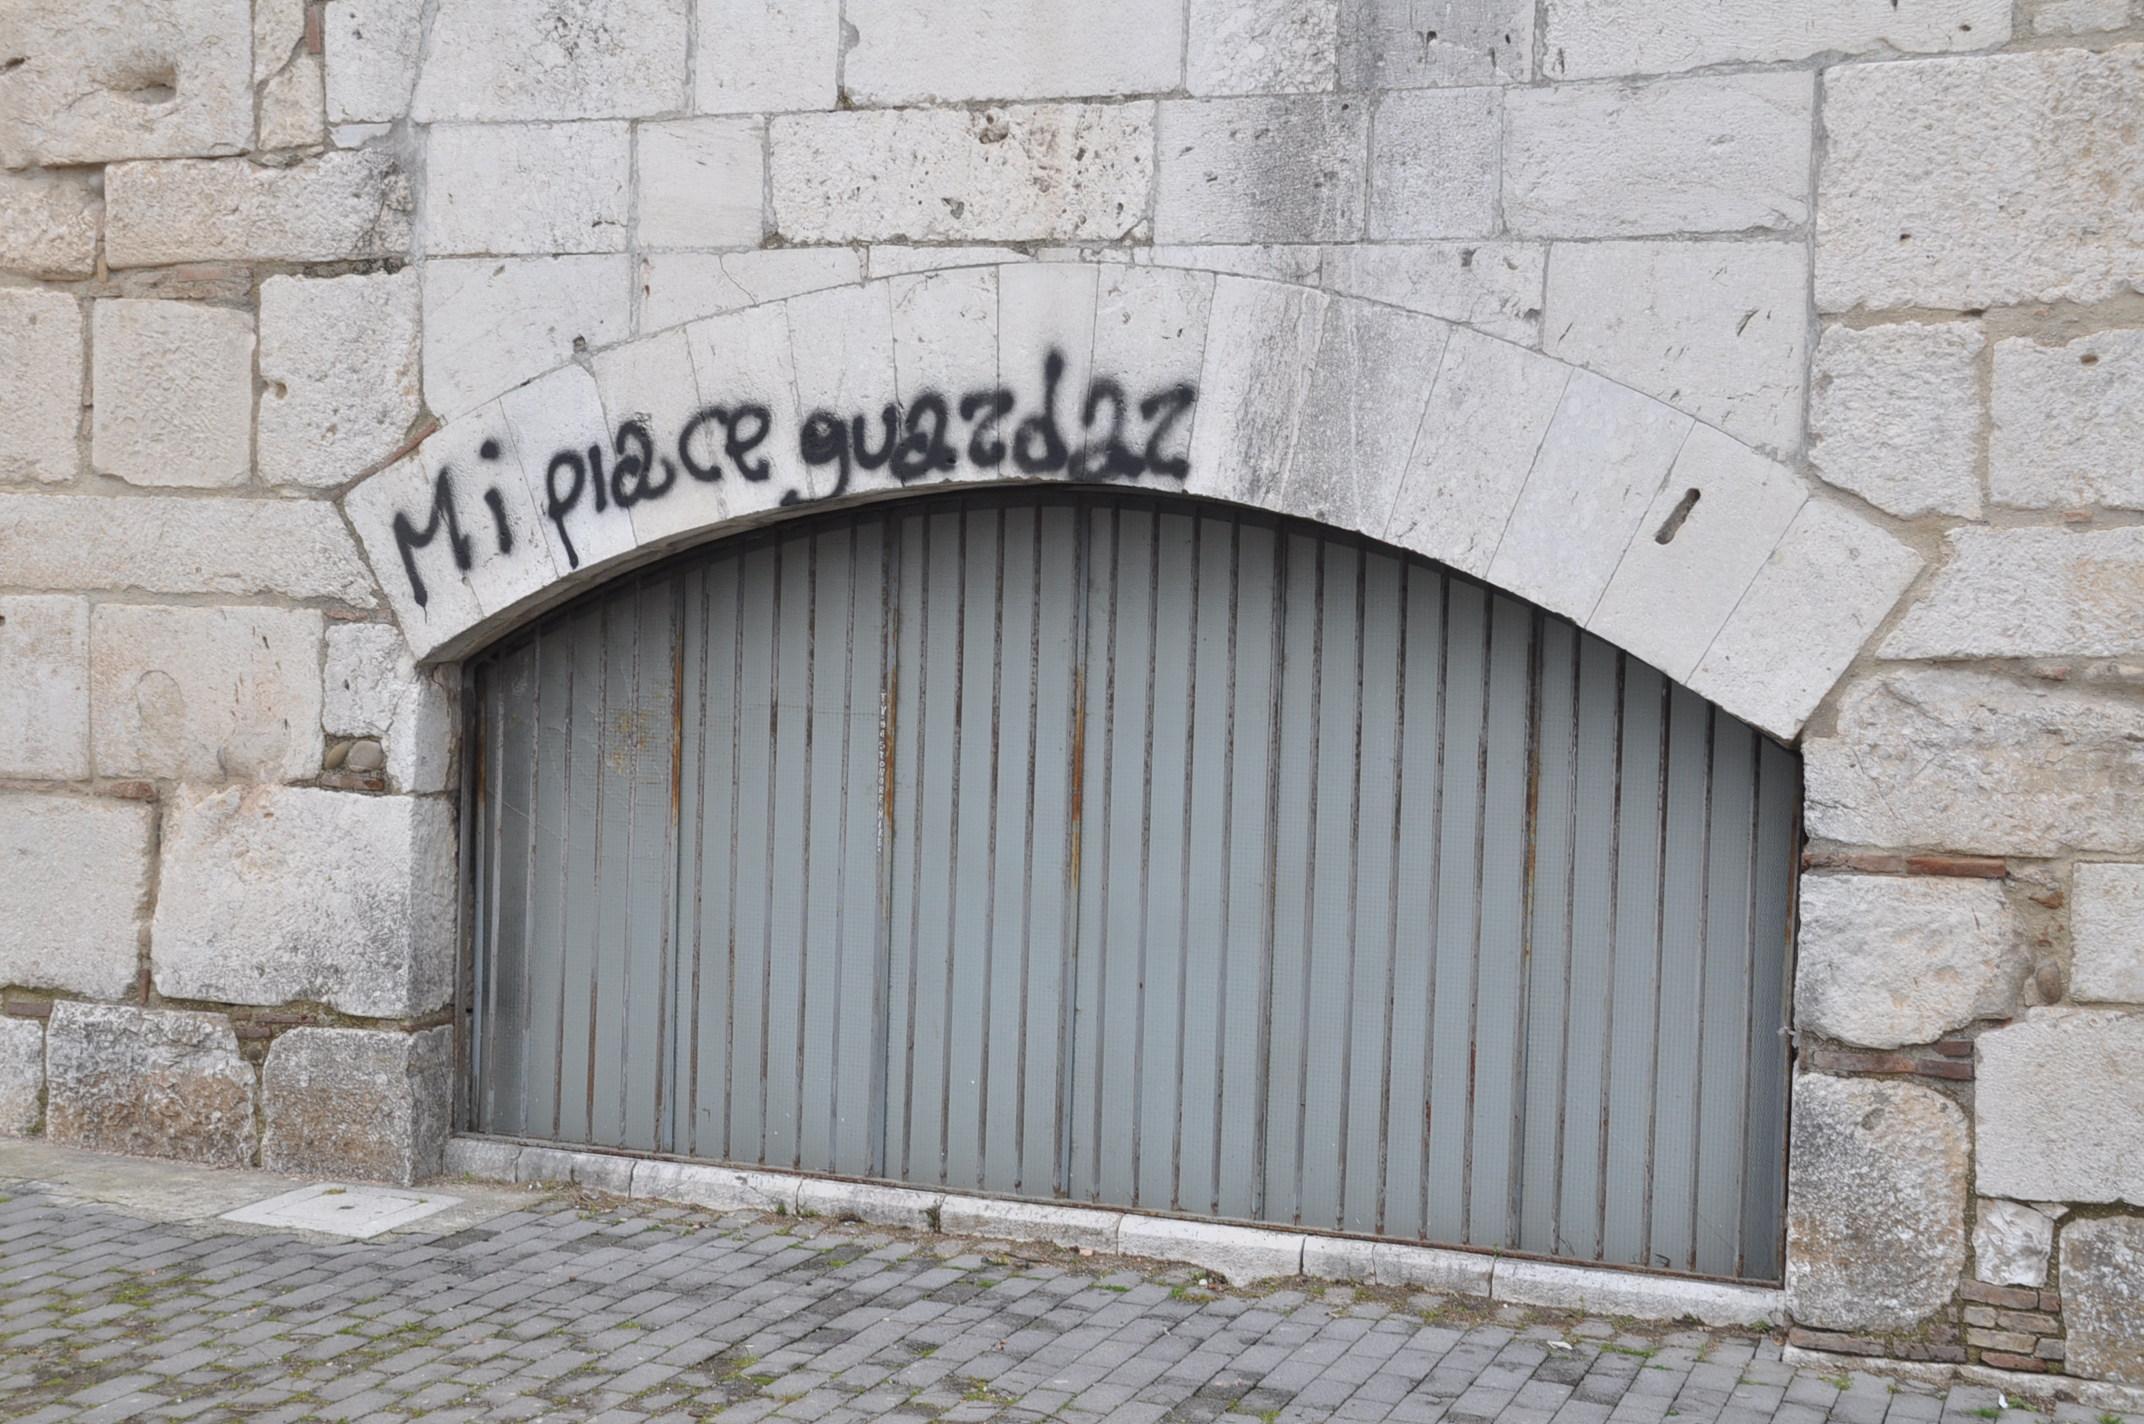 Ennesimo atto vandalico a danno della Rocca dei Rettori di Benevento